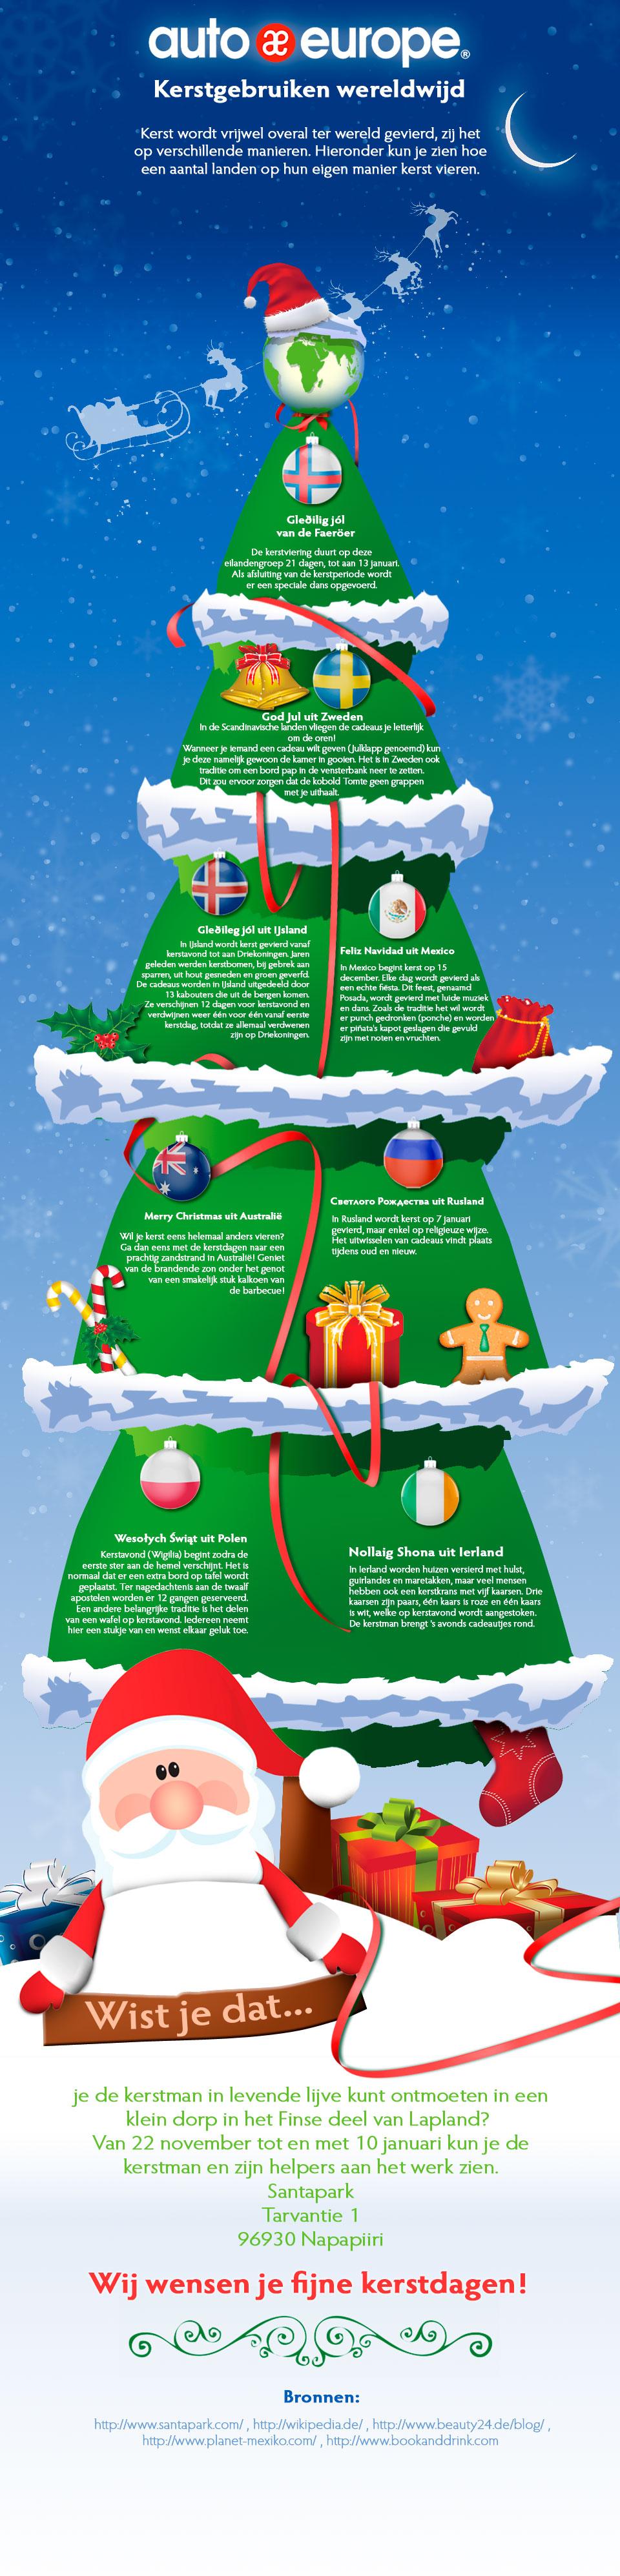 Auto huren Auto Europe - Wereldwijde kersttradities